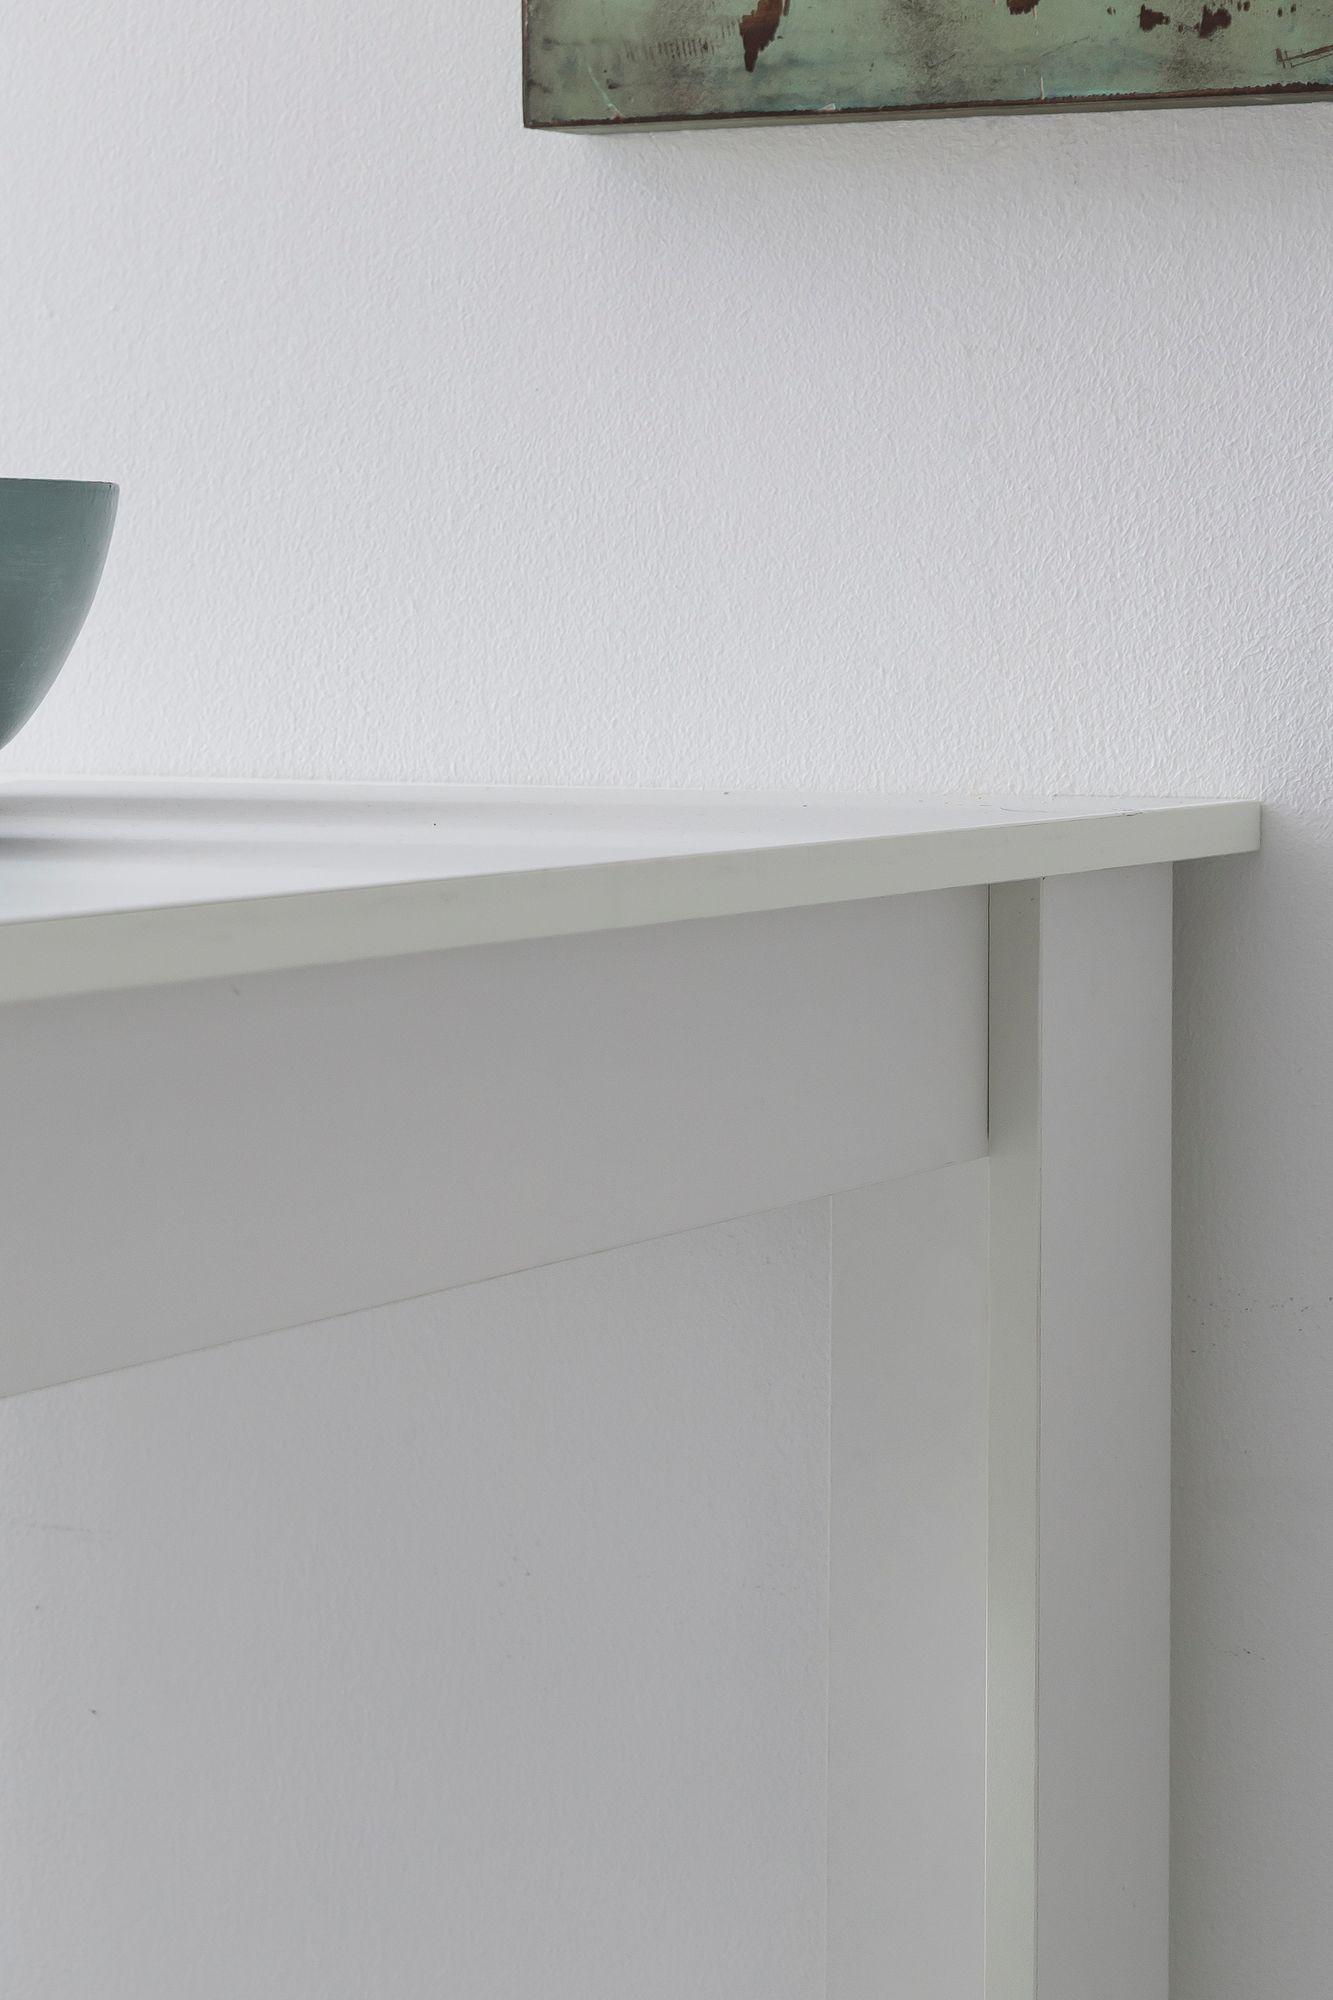 Full Size of Bartisch Wei 120 Online Kaufen Wohnzimmer Küchenbartisch